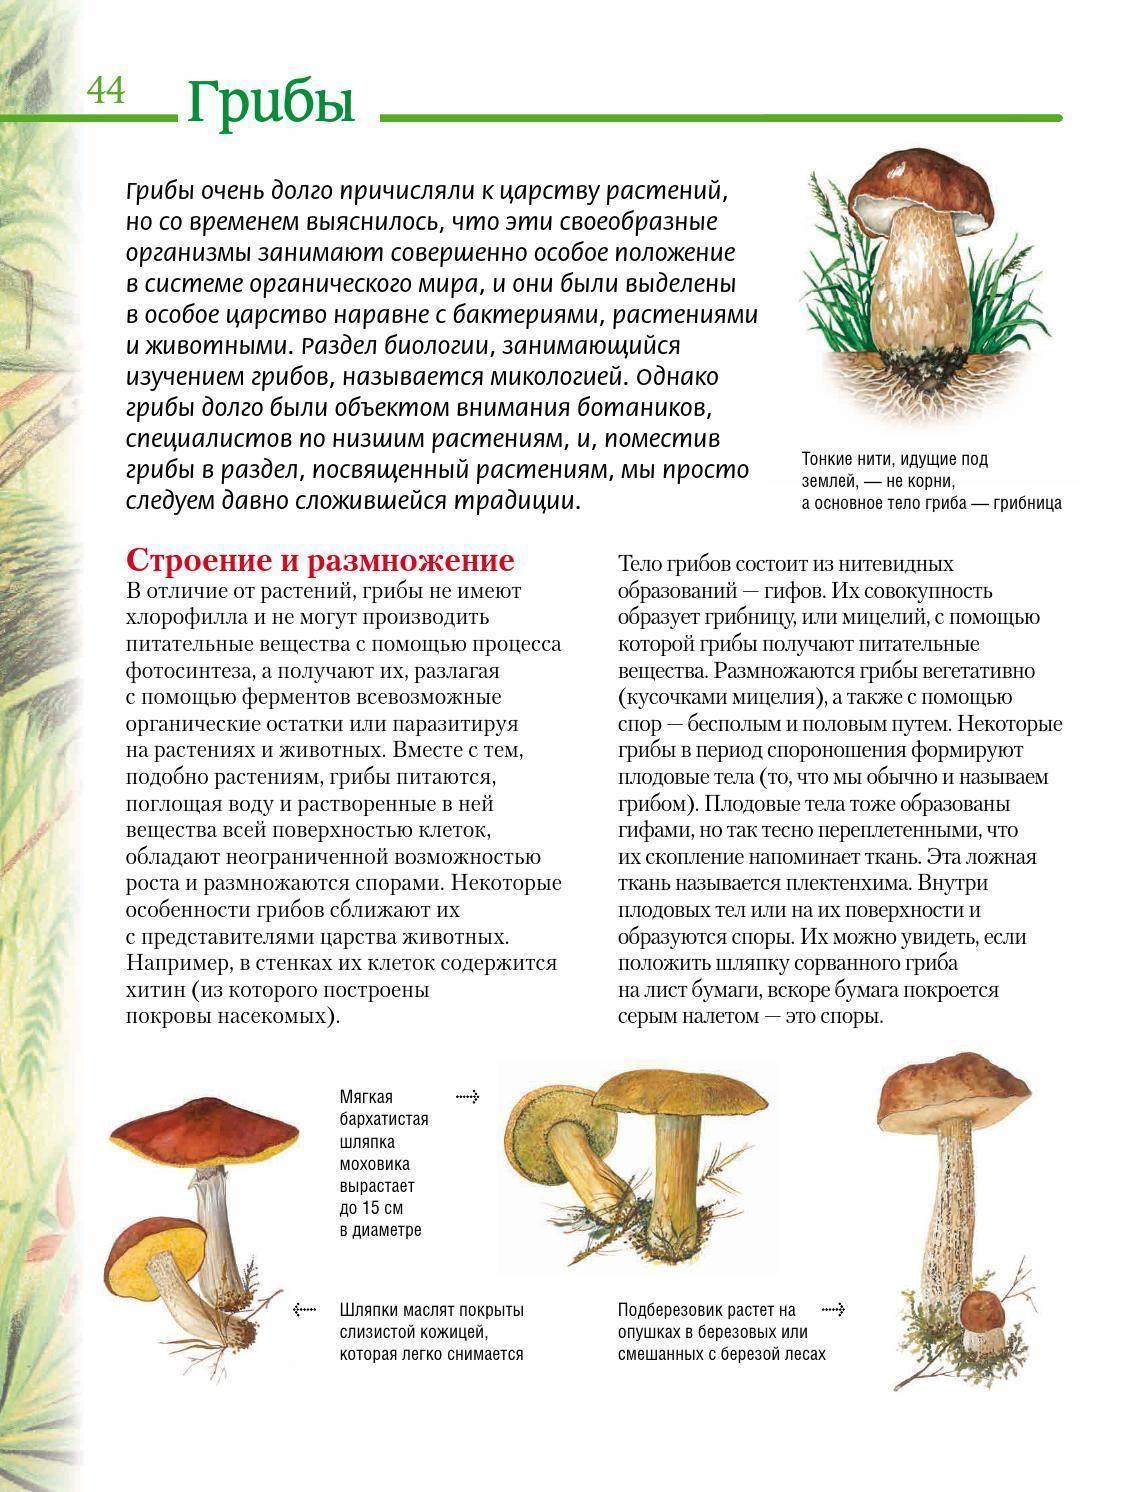 Шляпочные грибы: какое строение имеют, из чего состоит плодовое тело